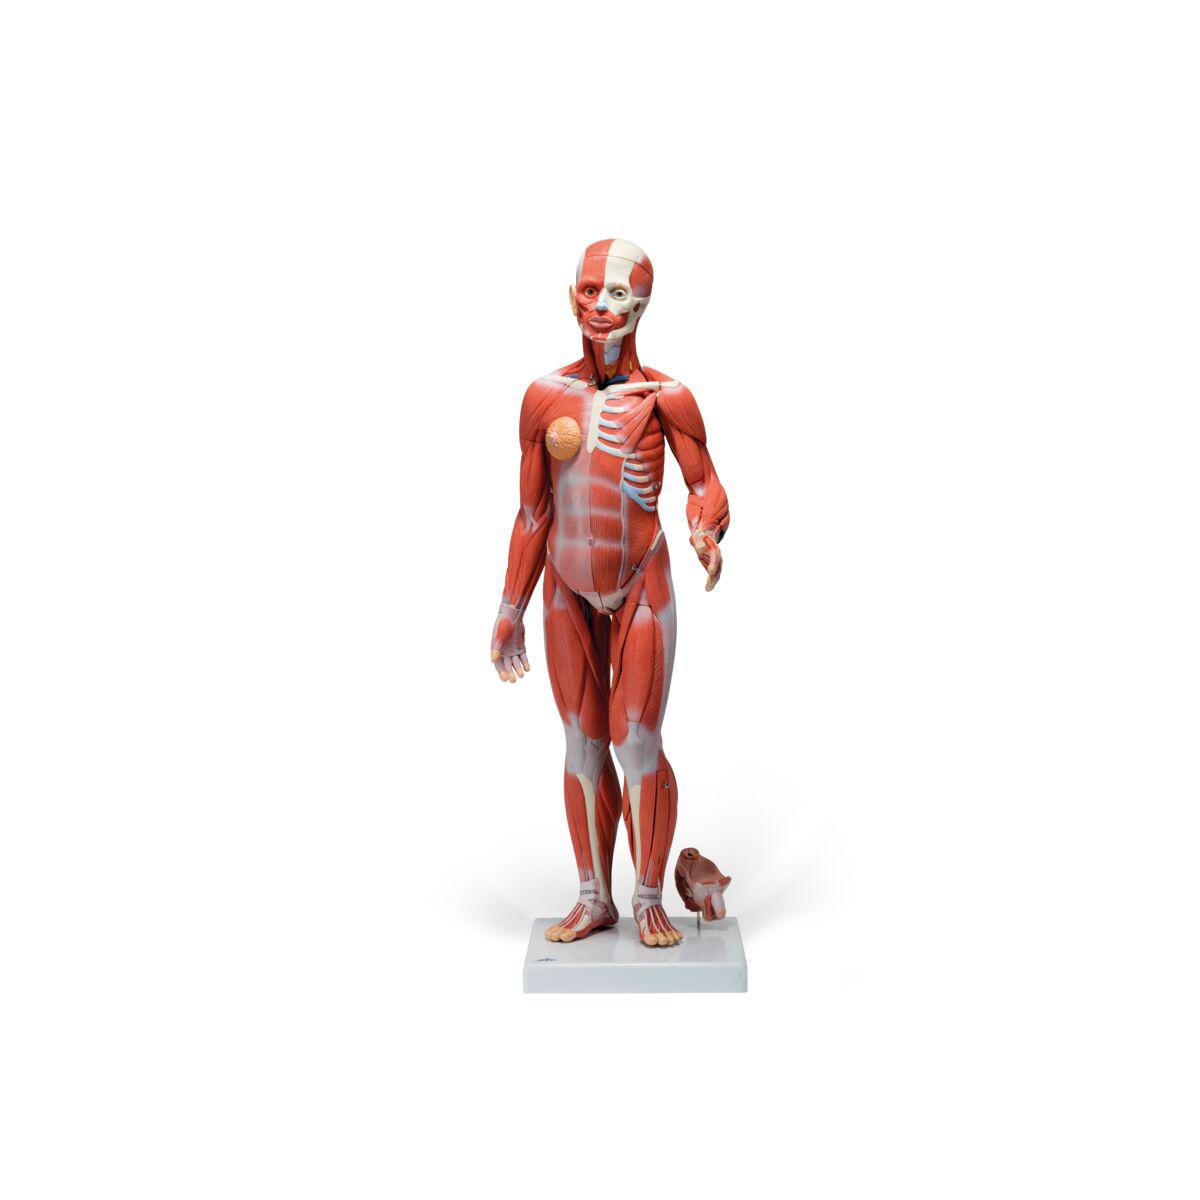 Muskelfigur, zweigeschlechtig mit inneren Organen, 33-teilig ...